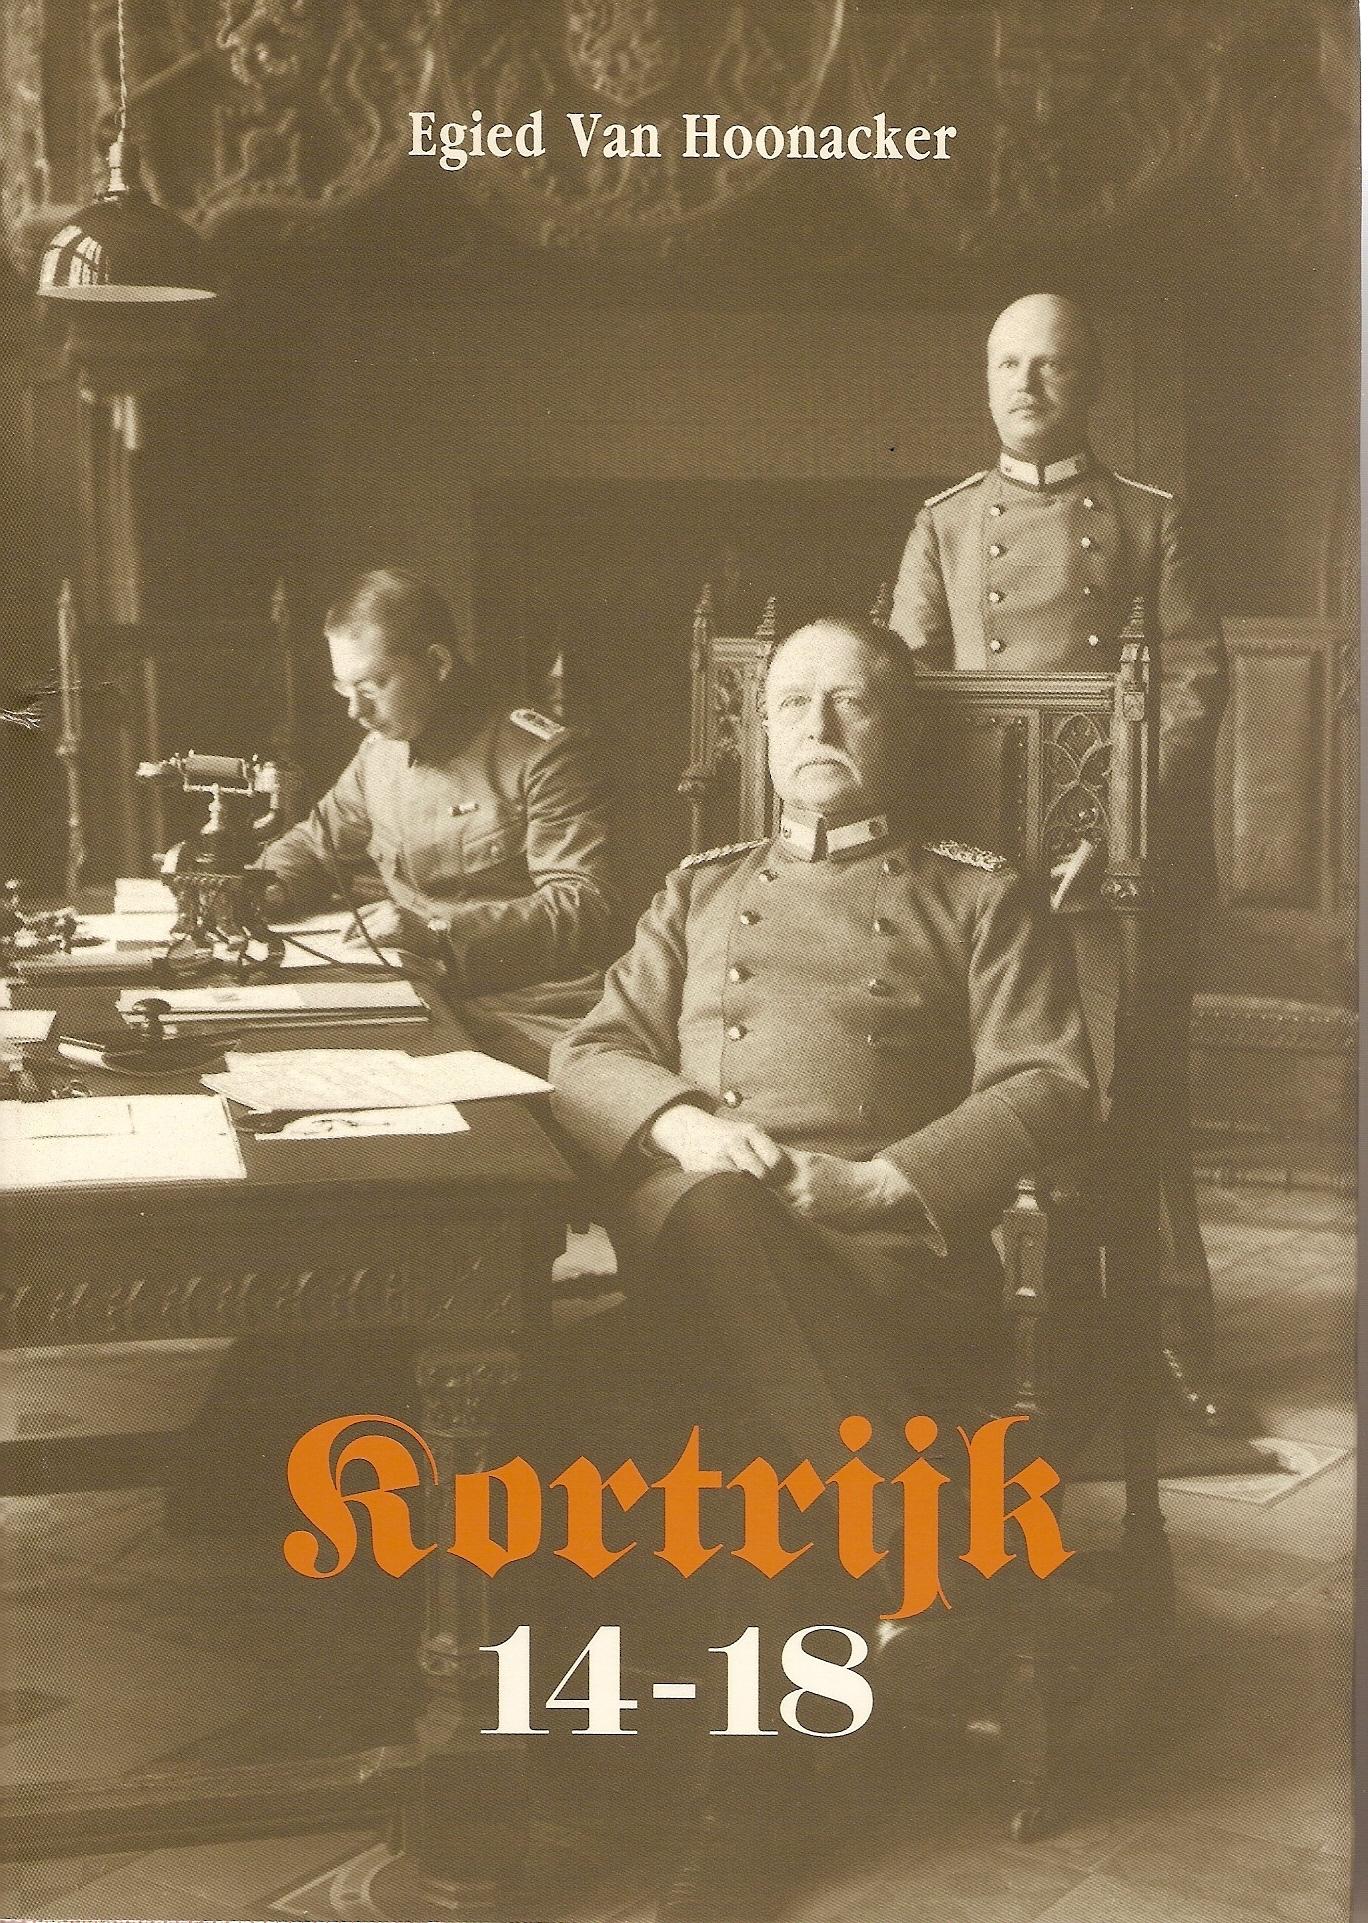 Kortrijk 14-18 Egied Van Hoonacker